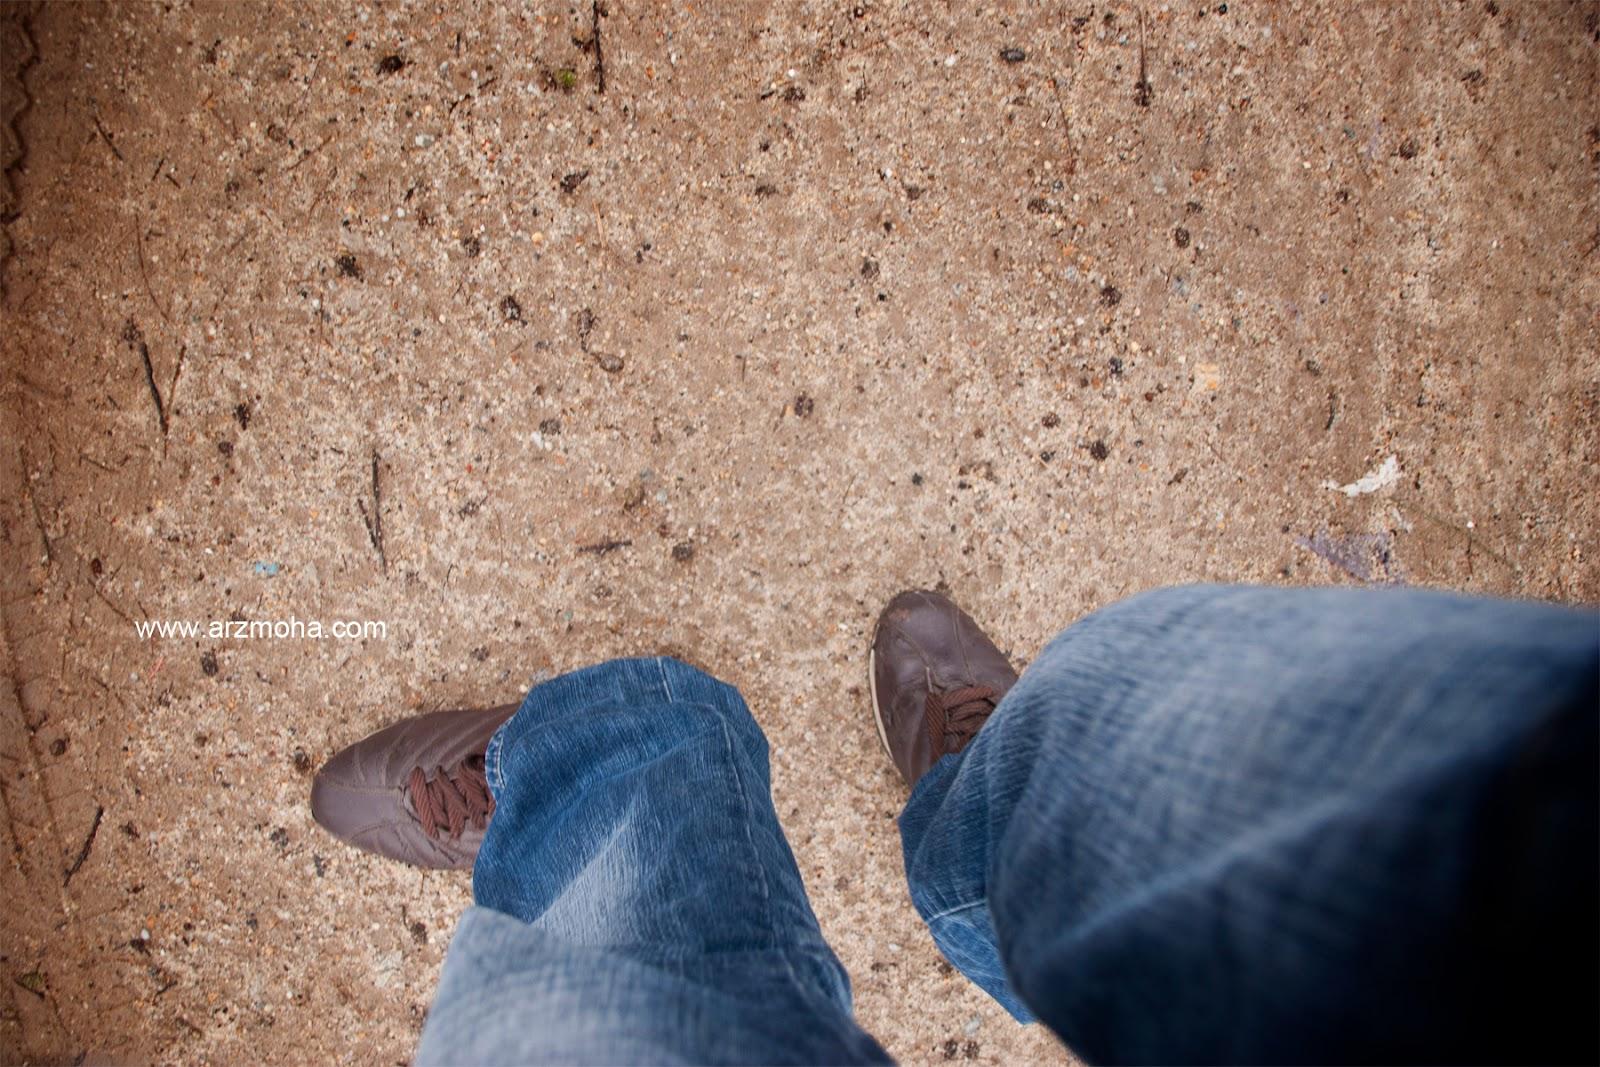 langkah, erti kalah, jangan mengalah, arzmoha, gambar cantik, photography, foot,